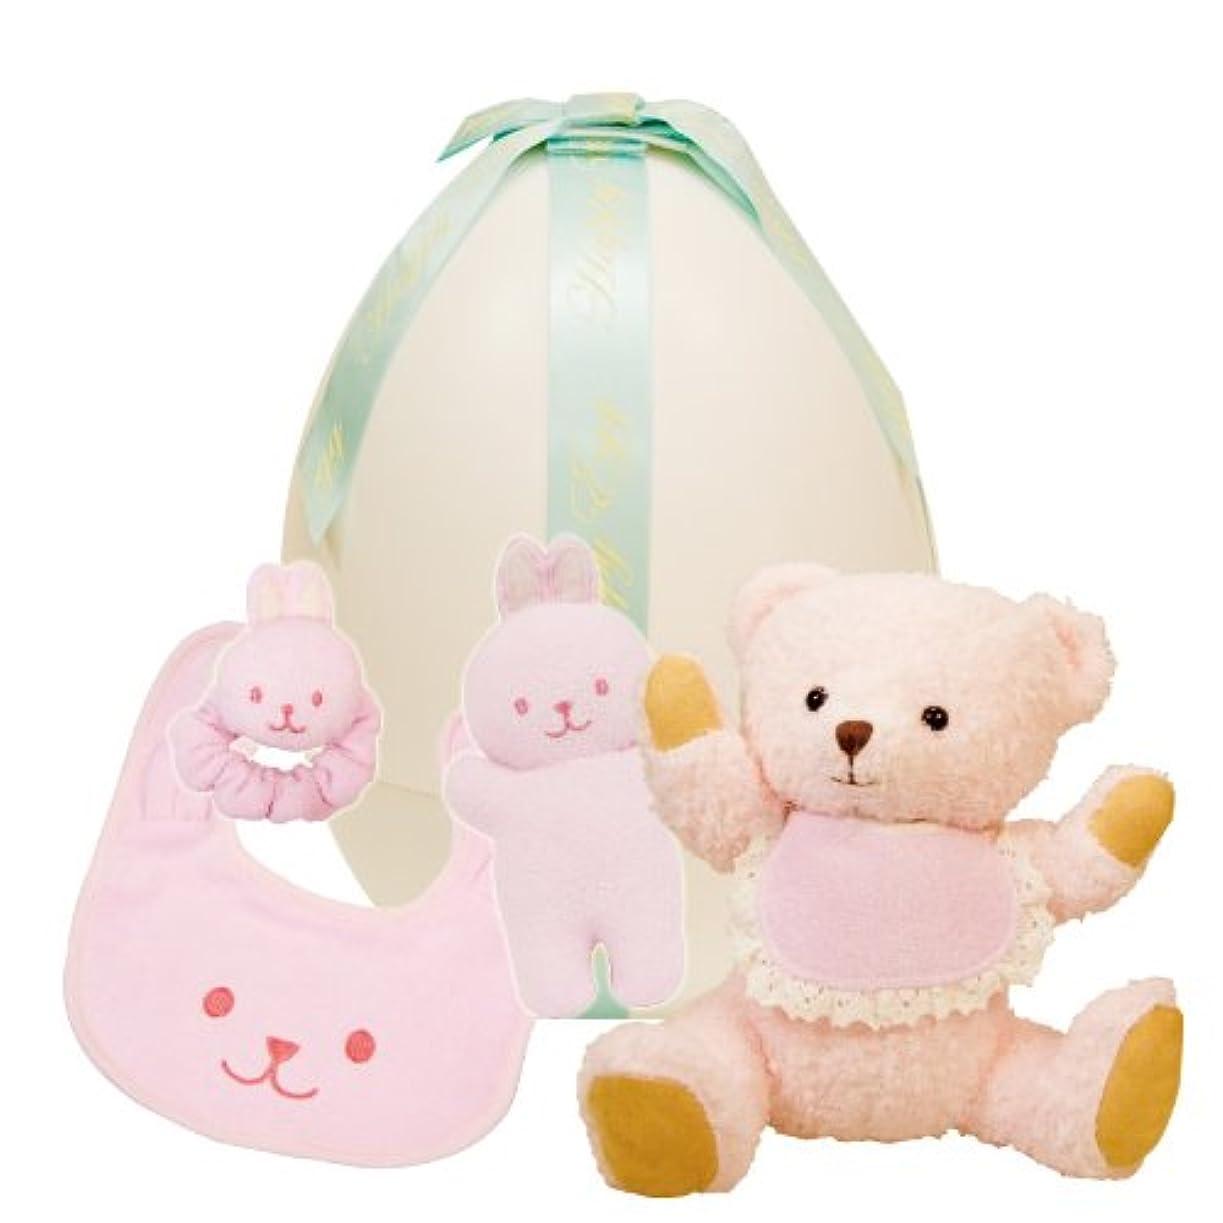 ラップトップはねかけるかける《生年月日&名前入り》ハッピーエッグBABYギフト(女の子用) 出産祝い ギフトセット プレゼント メモリアル 名入れ スタイ 女の子 男の子 くま テディべア ギフト 出産 祝い